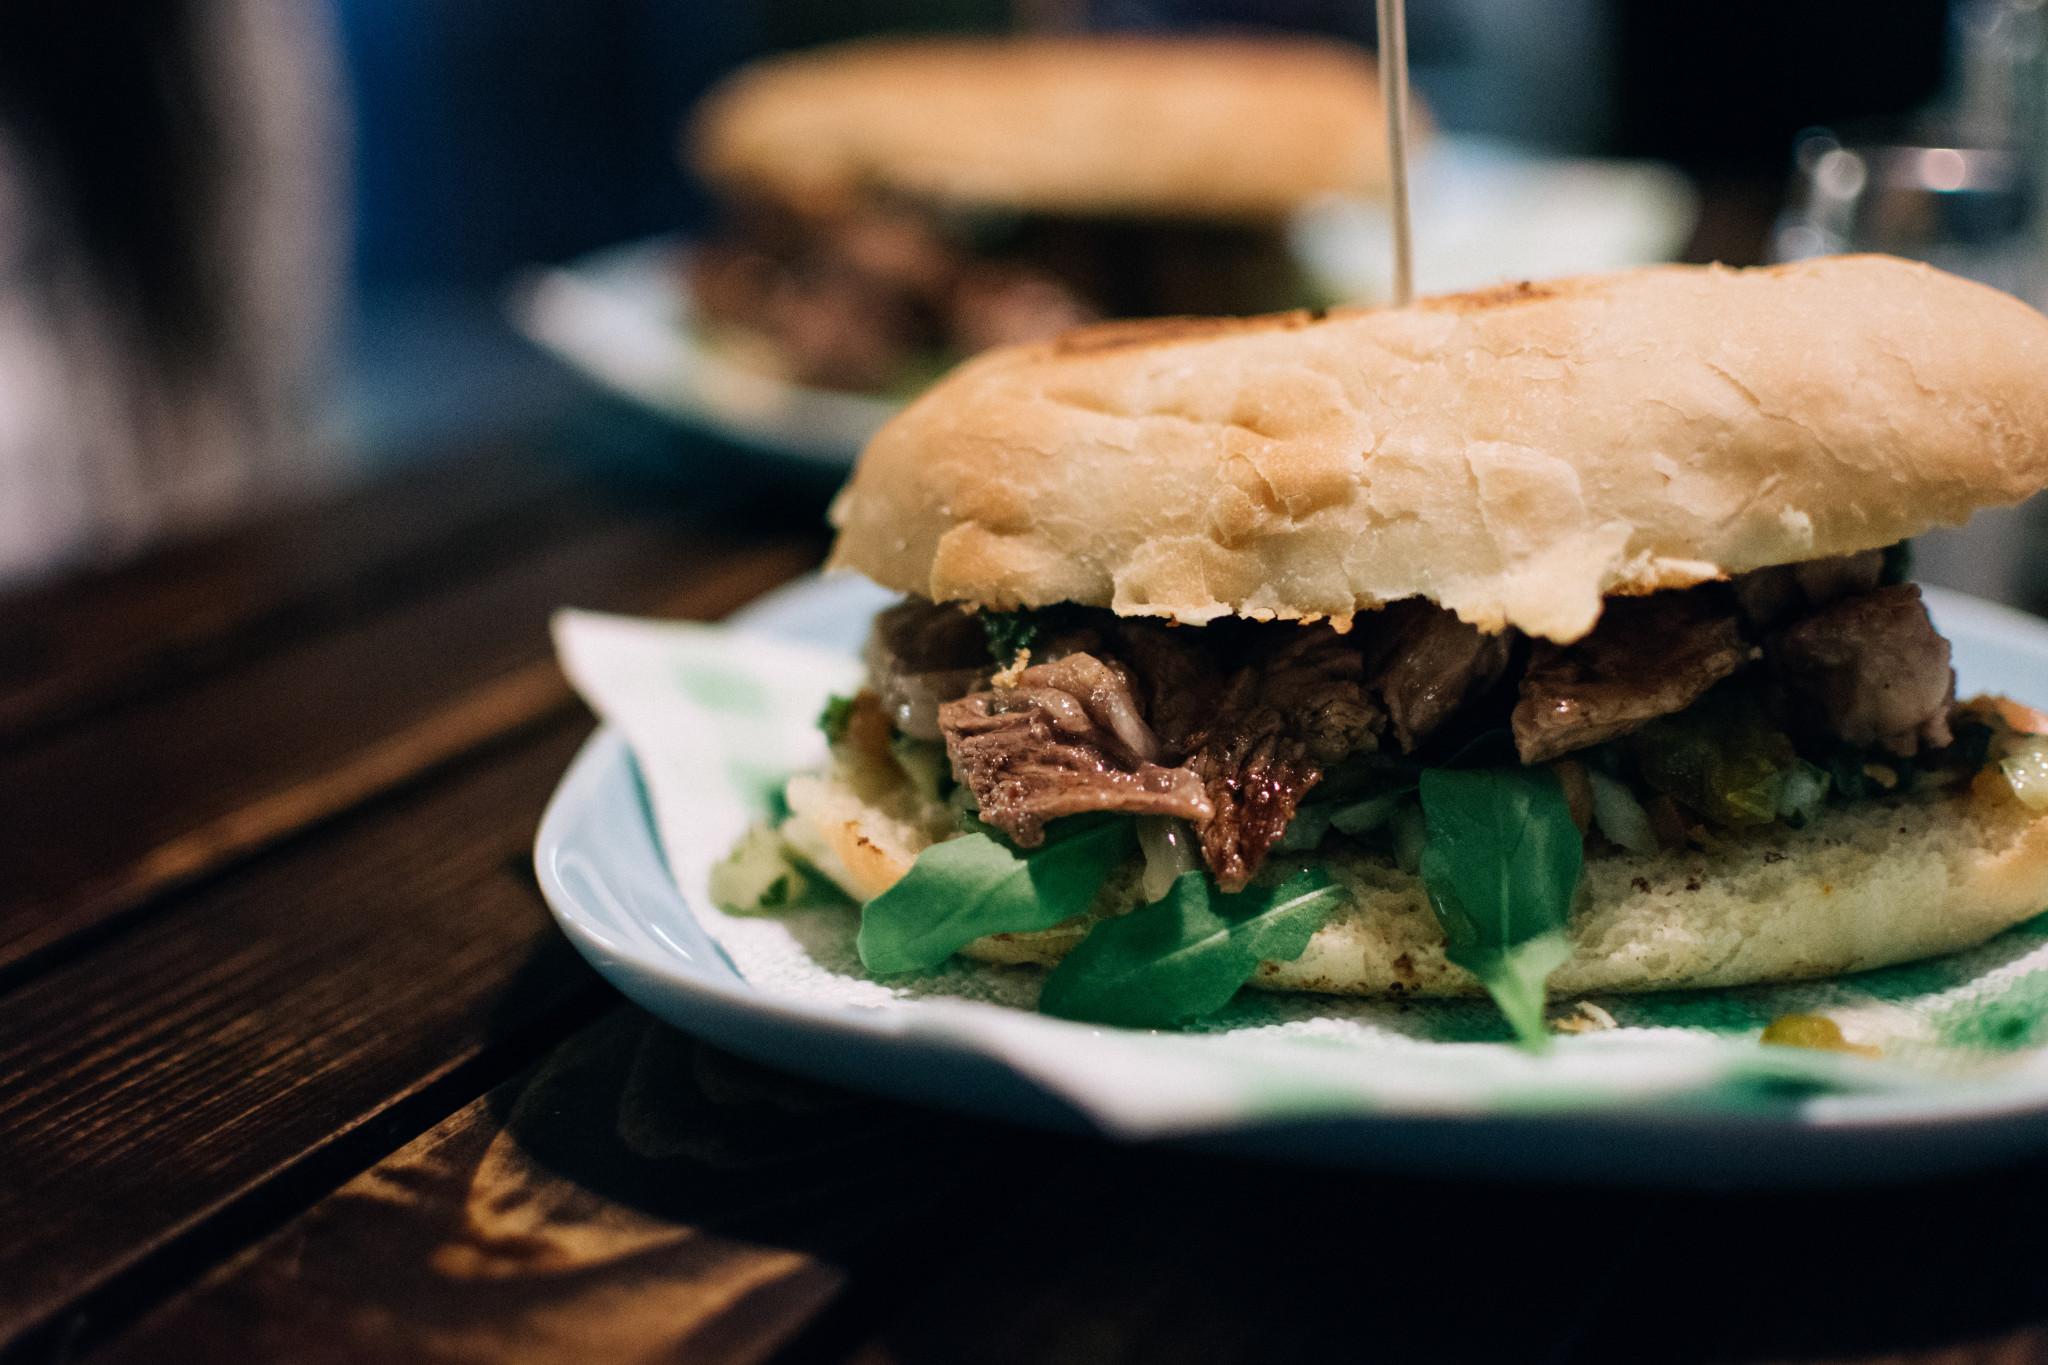 Hot Oven Sandwiches & Calzones